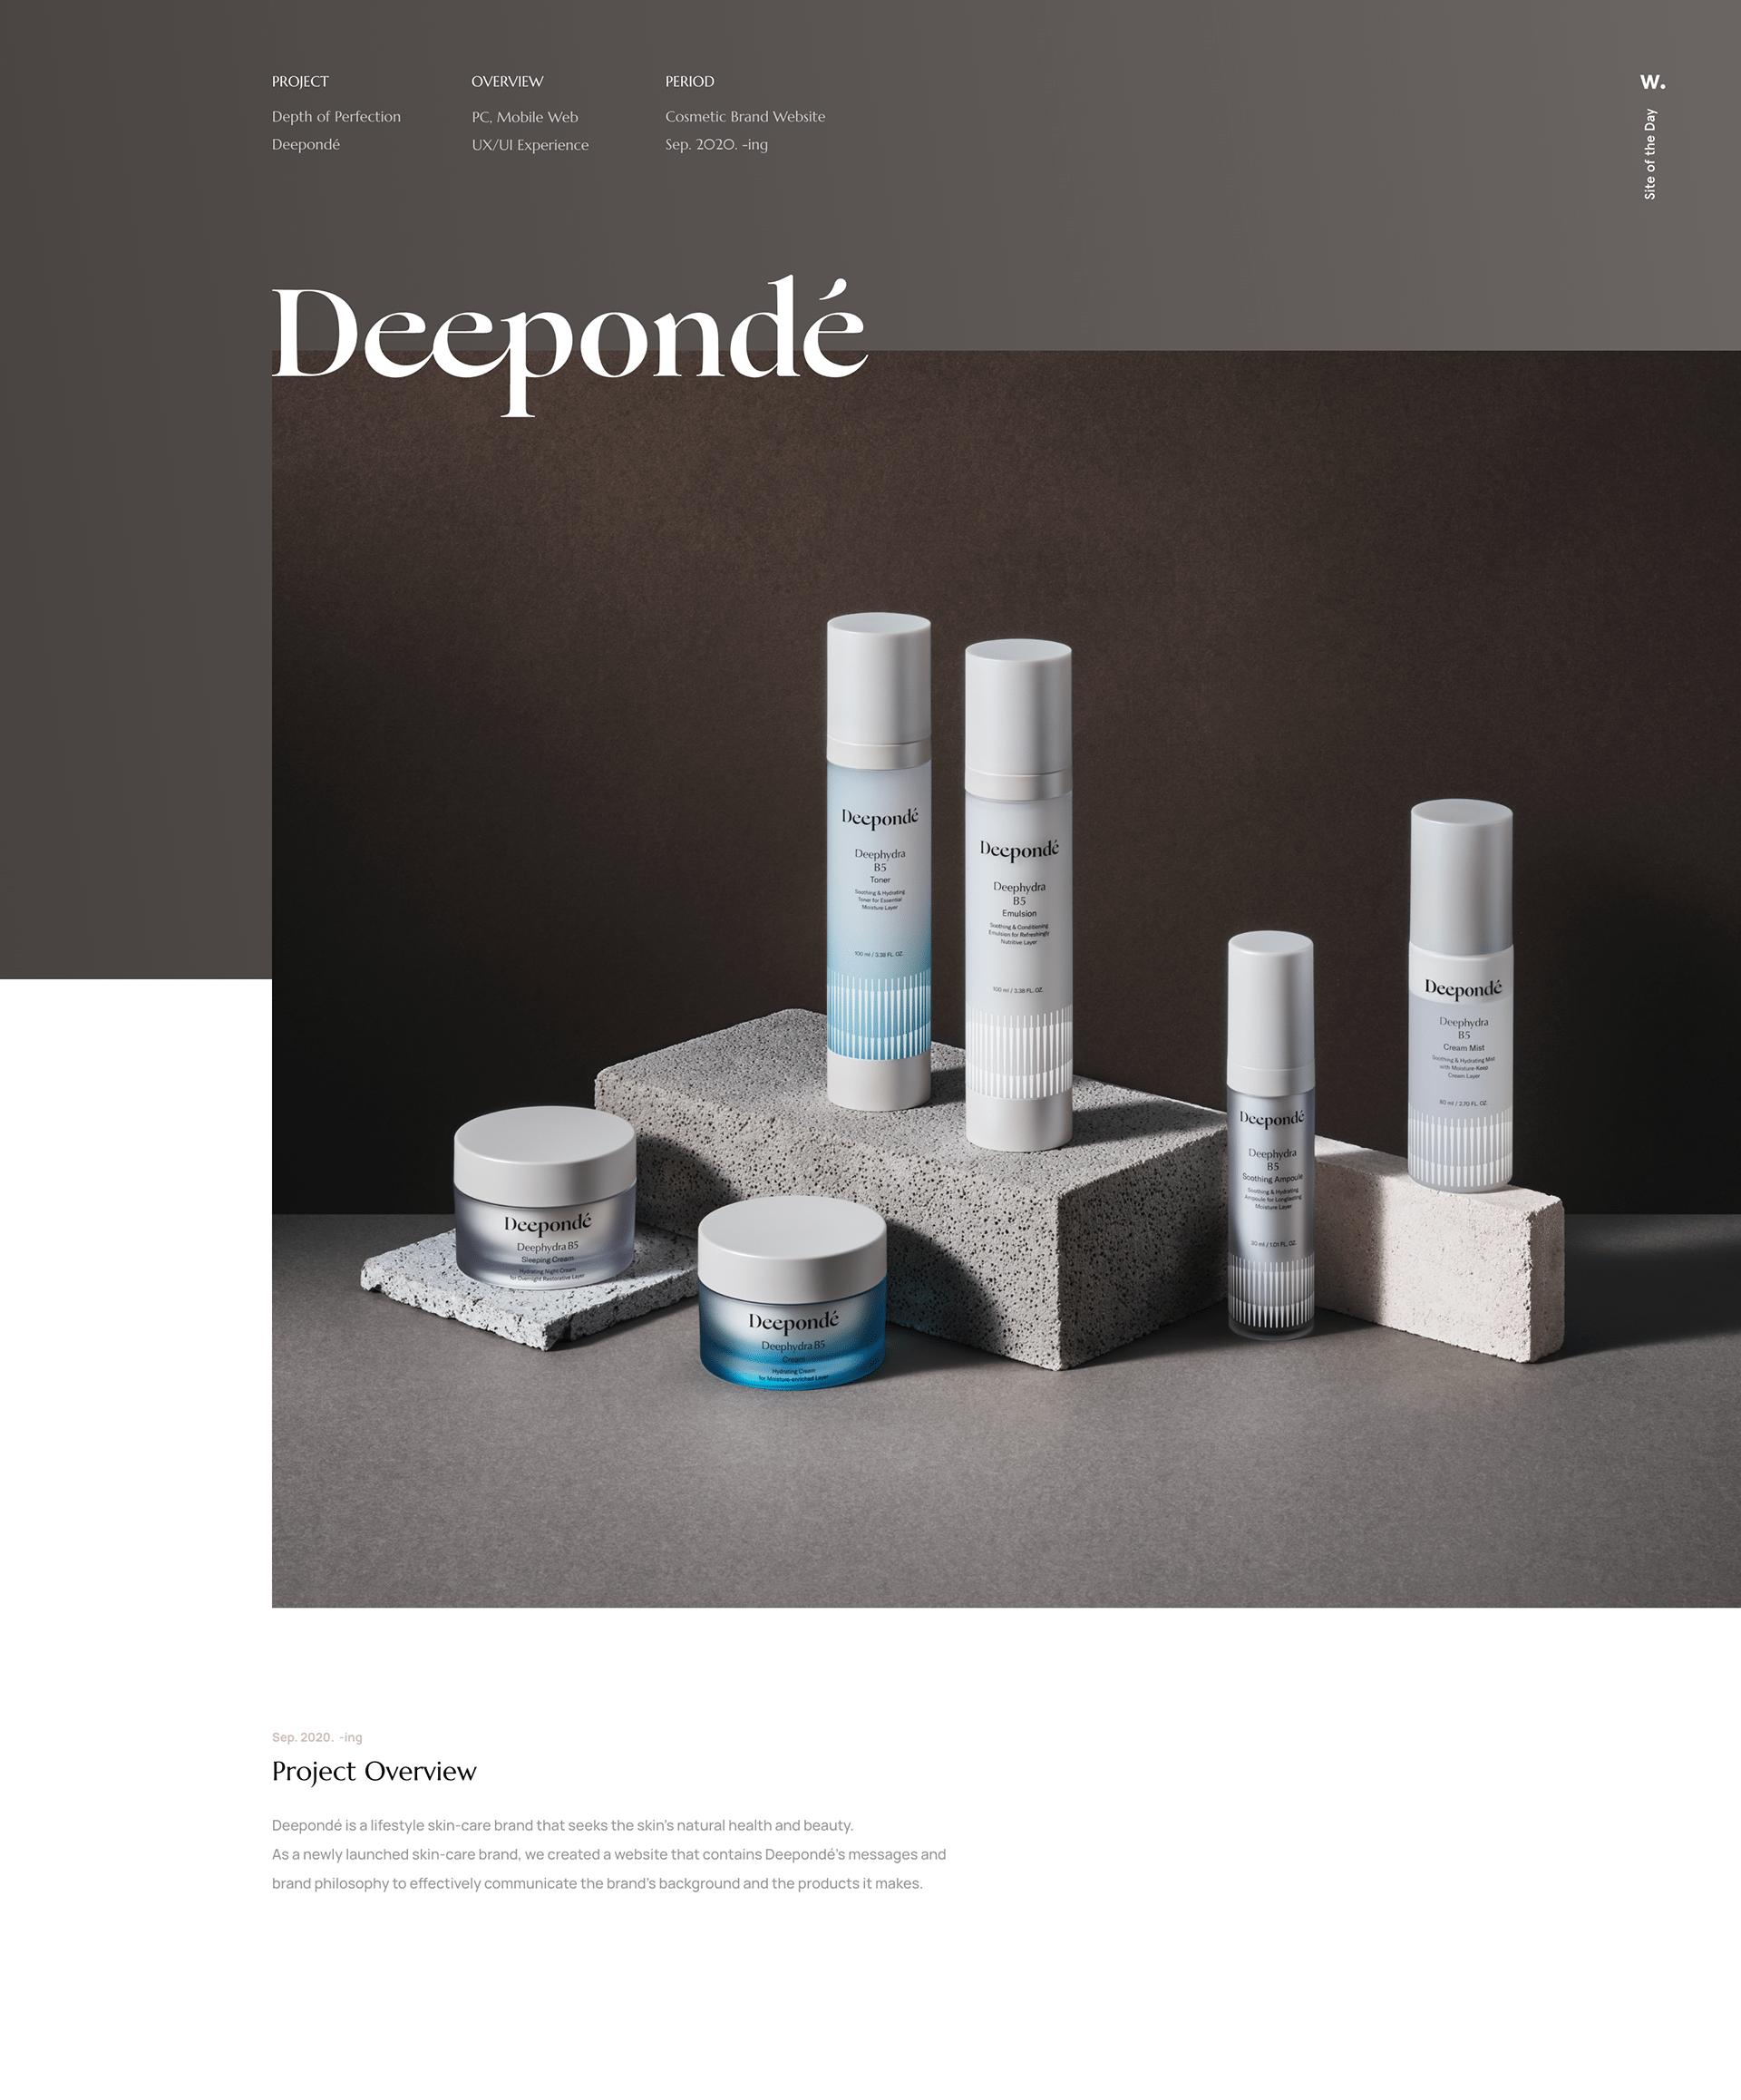 Deepondé PC & Mobile Web UX/UI Design